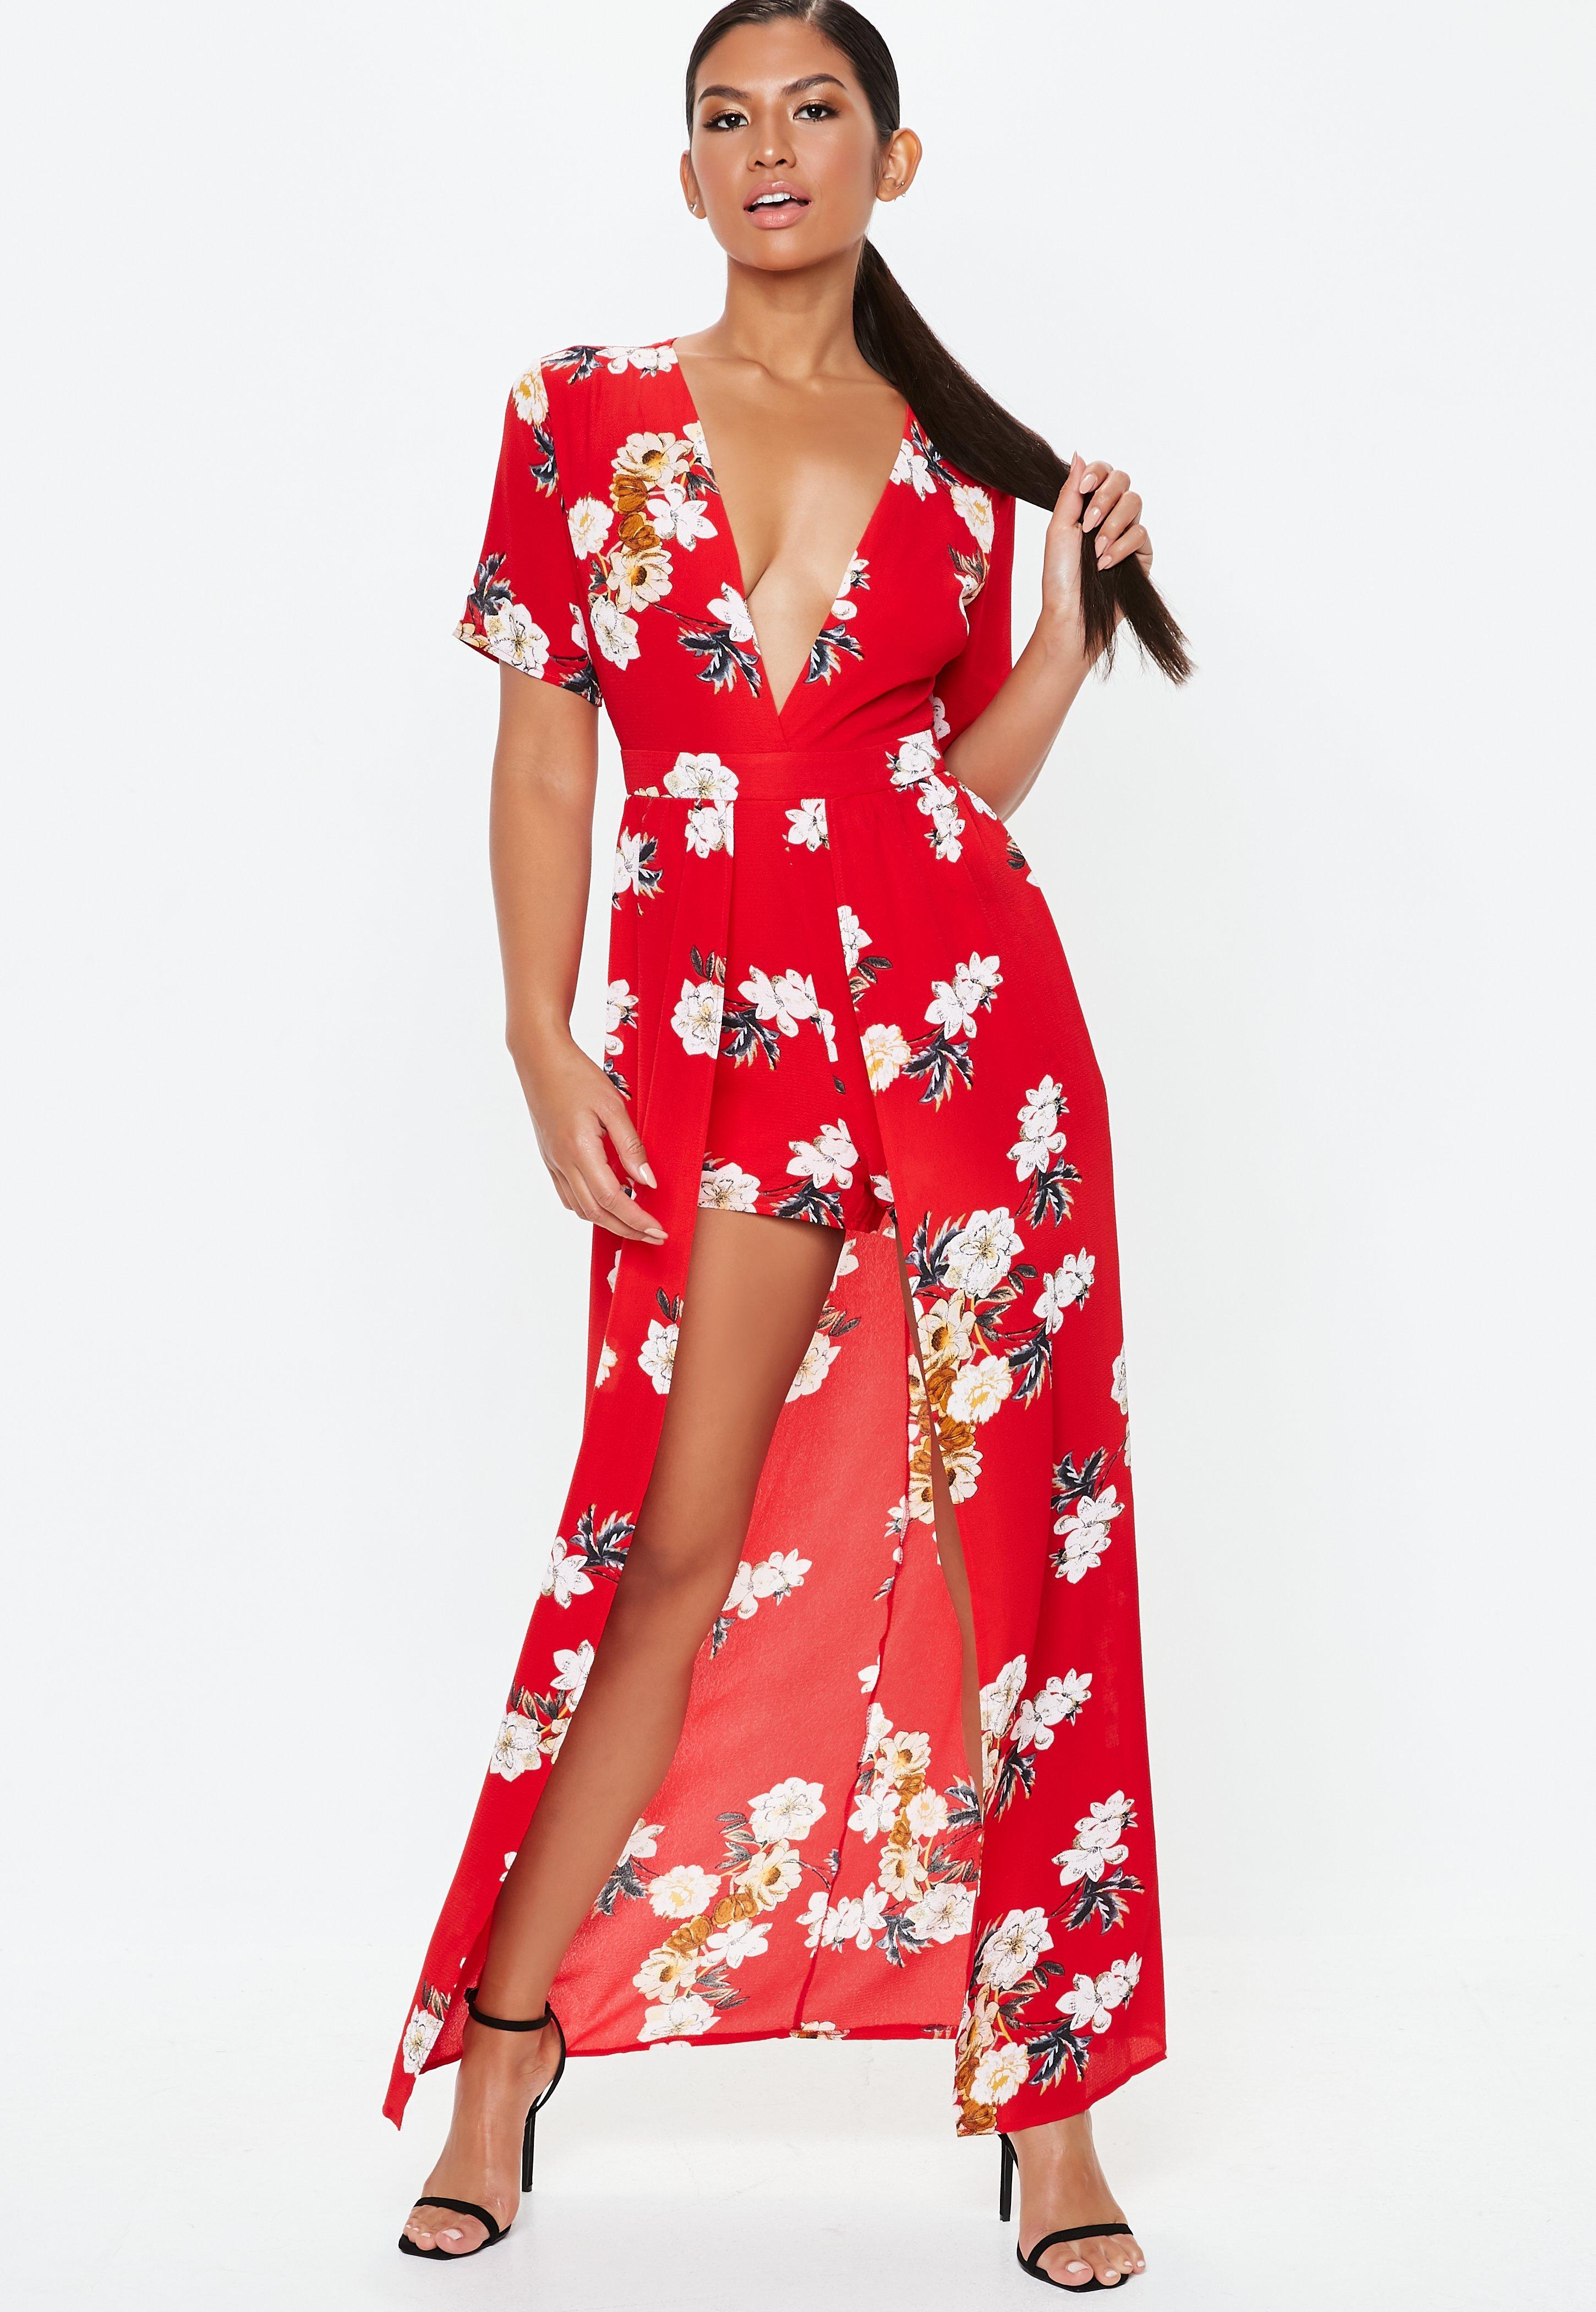 f58991f39e93 Floral Romper